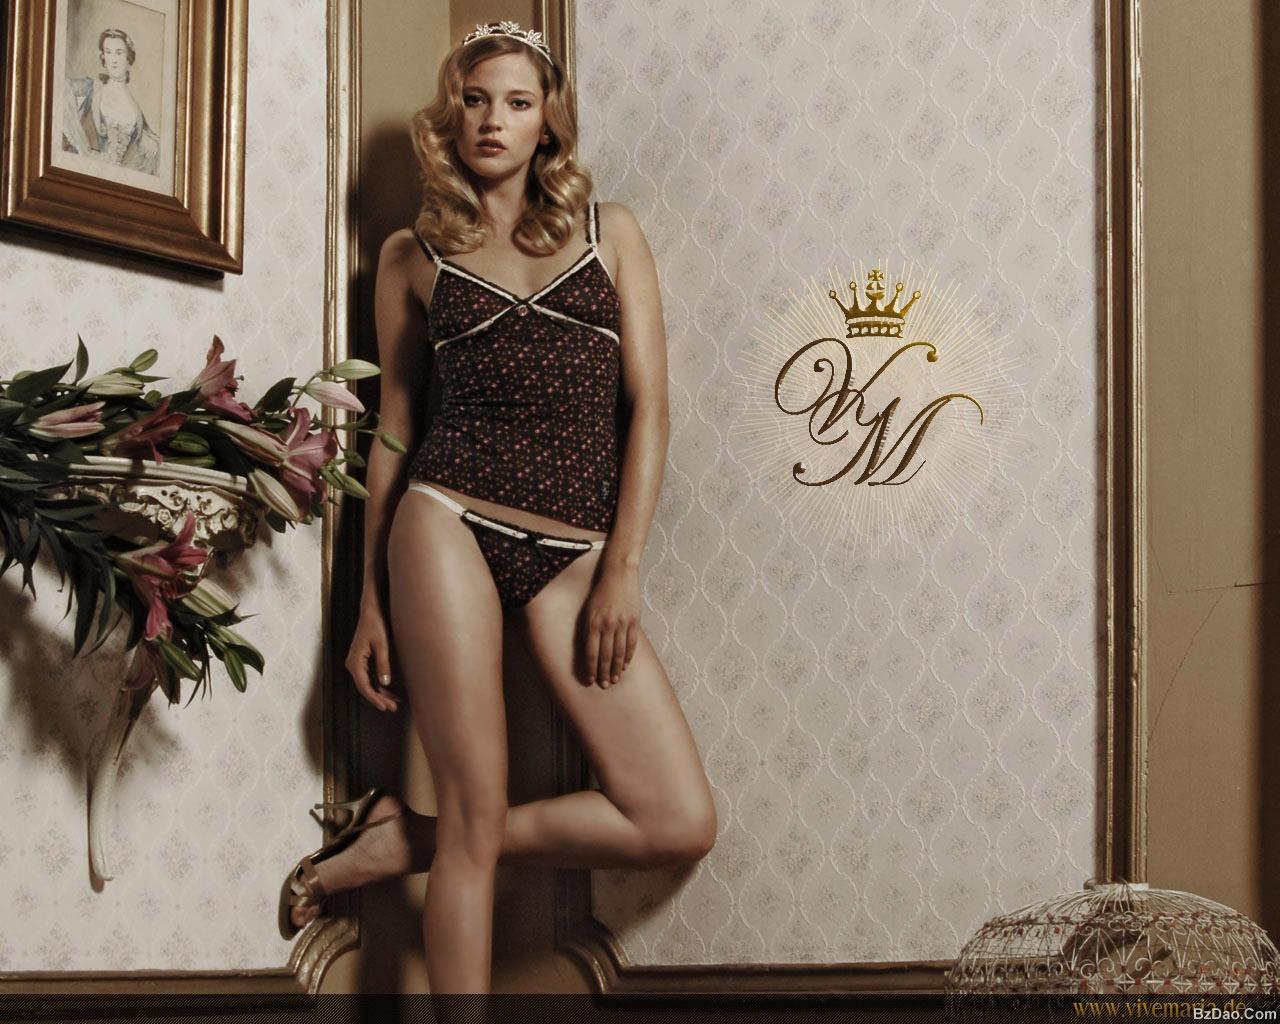 时尚奢侈著名品牌内衣包包壁纸集